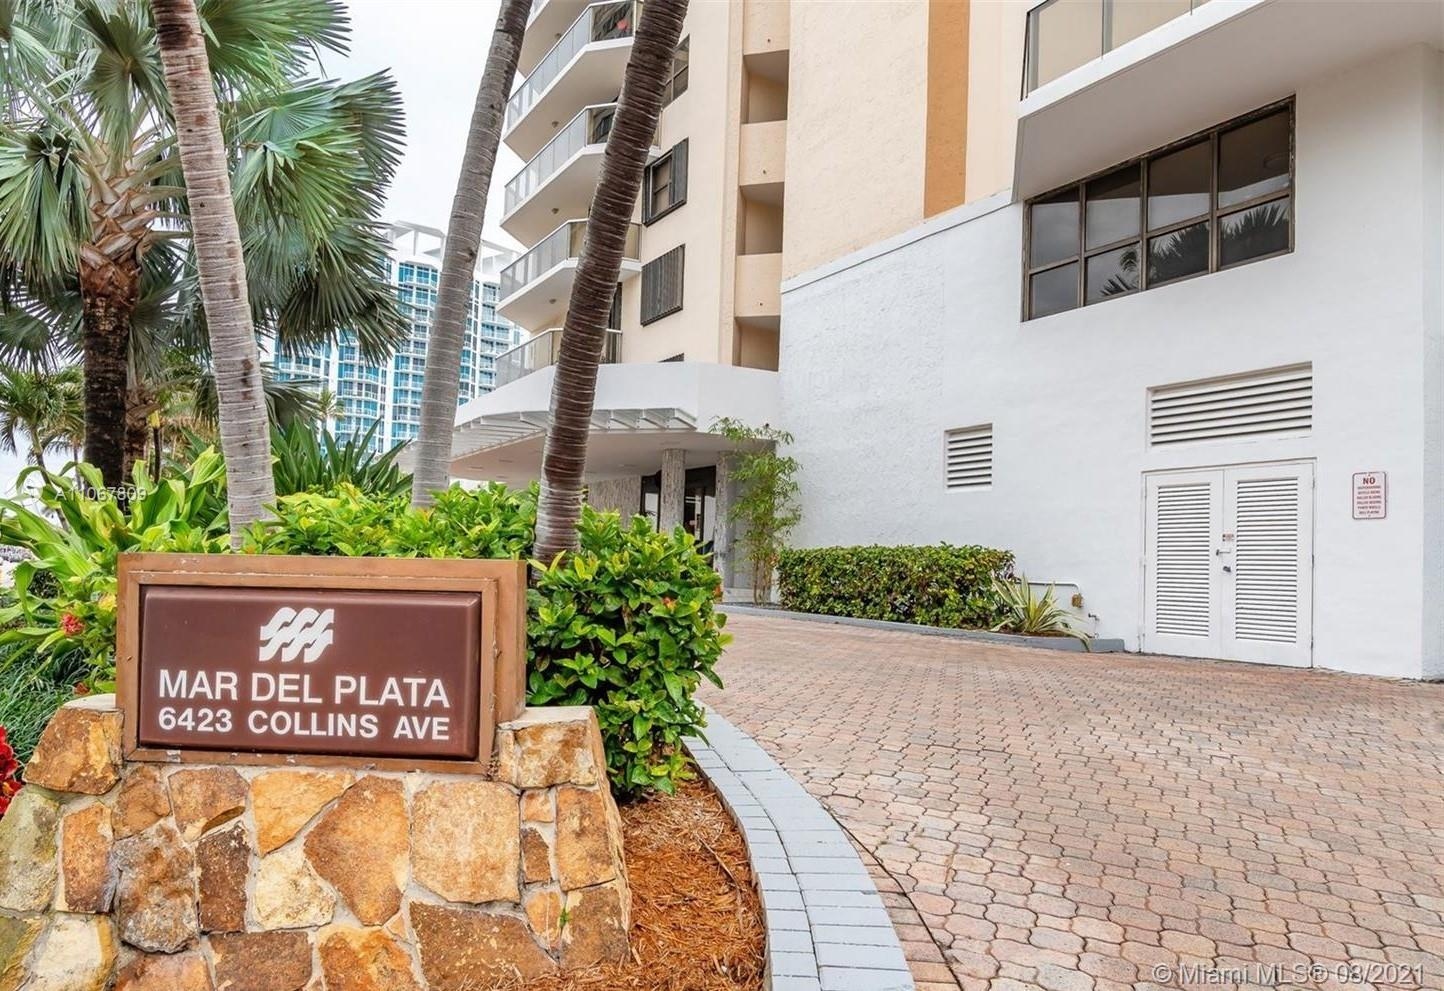 Mar del Plata #203 - 6423 Collins Ave #203, Miami Beach, FL 33141